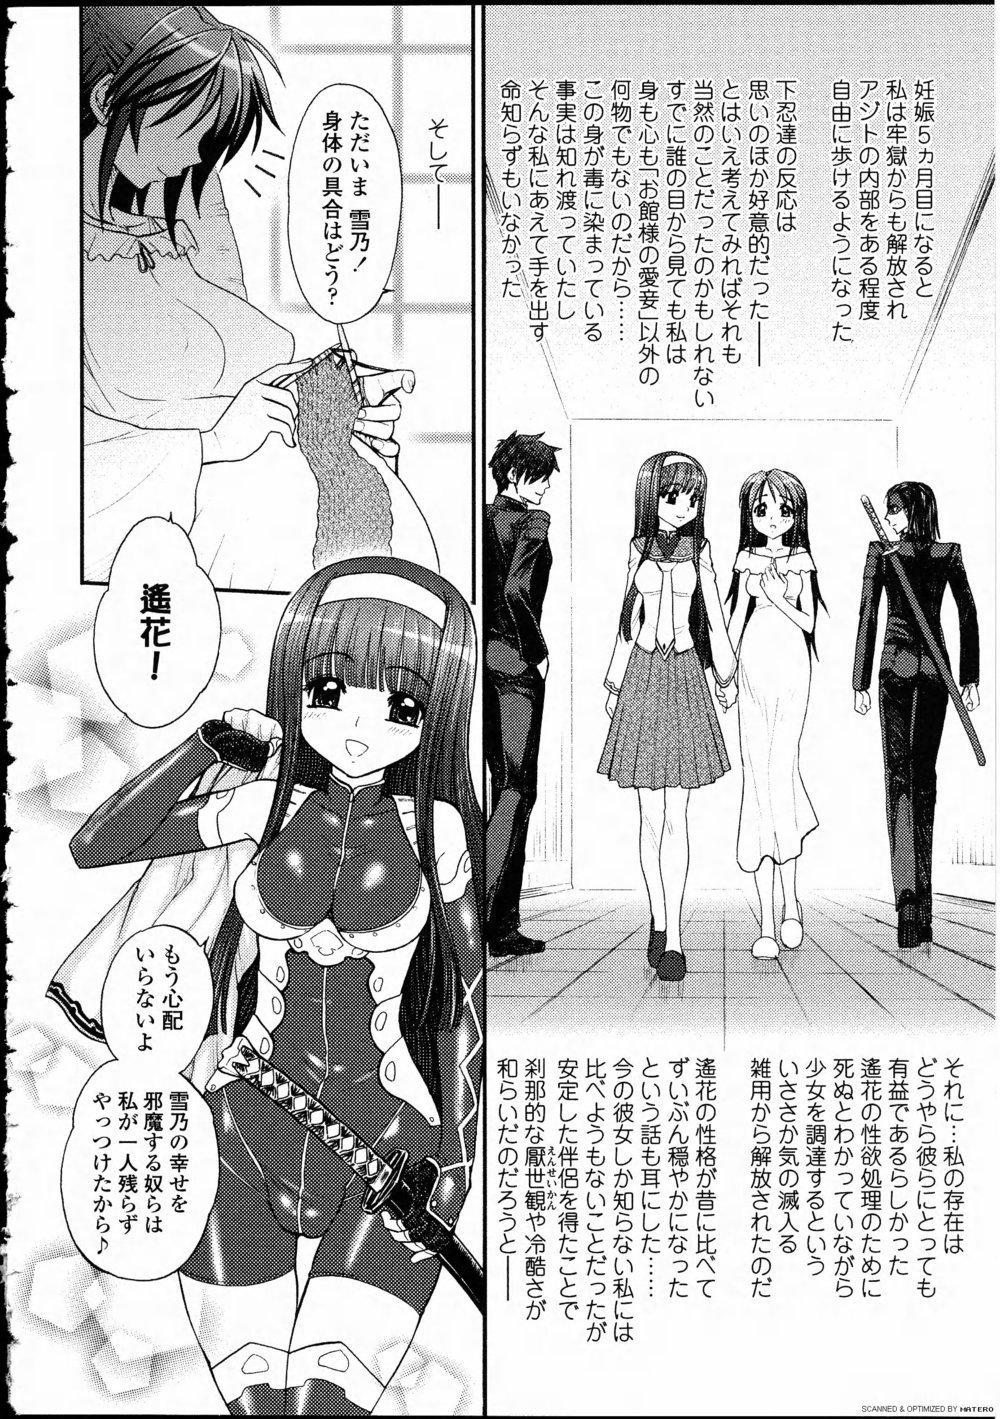 Futanarikko LOVE 10 87